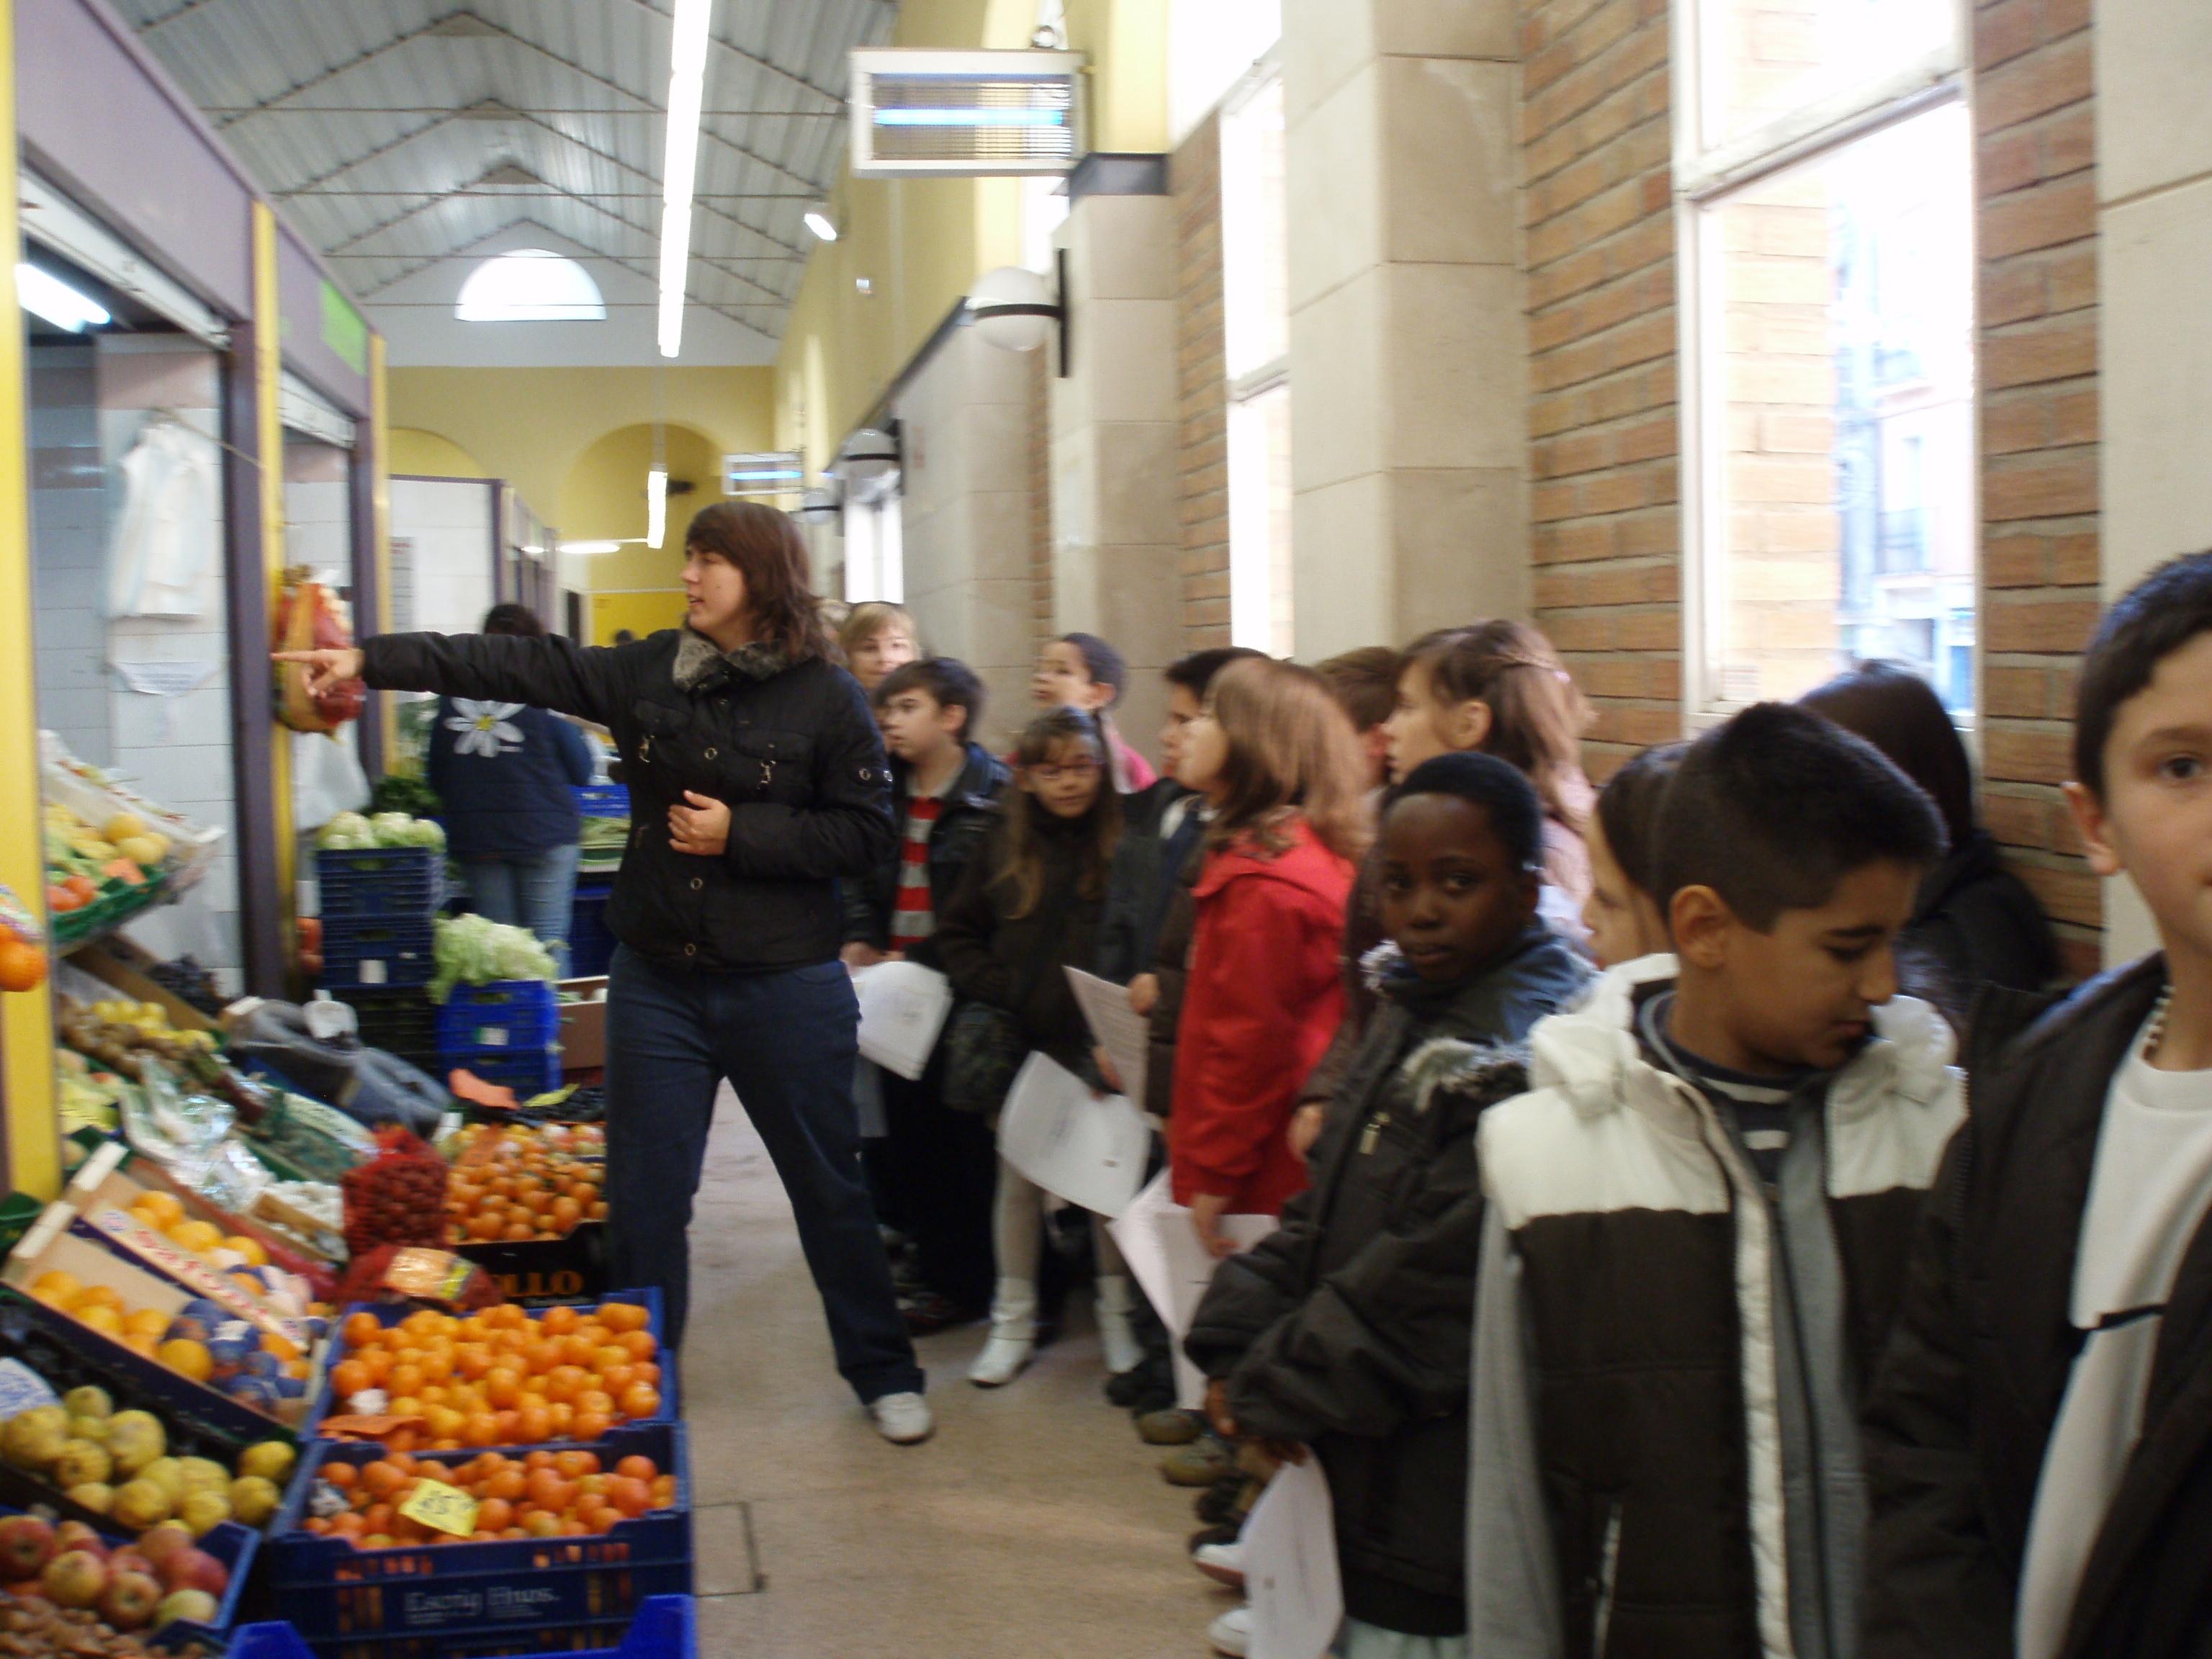 mercado abastos1 2009-4 d.jpg